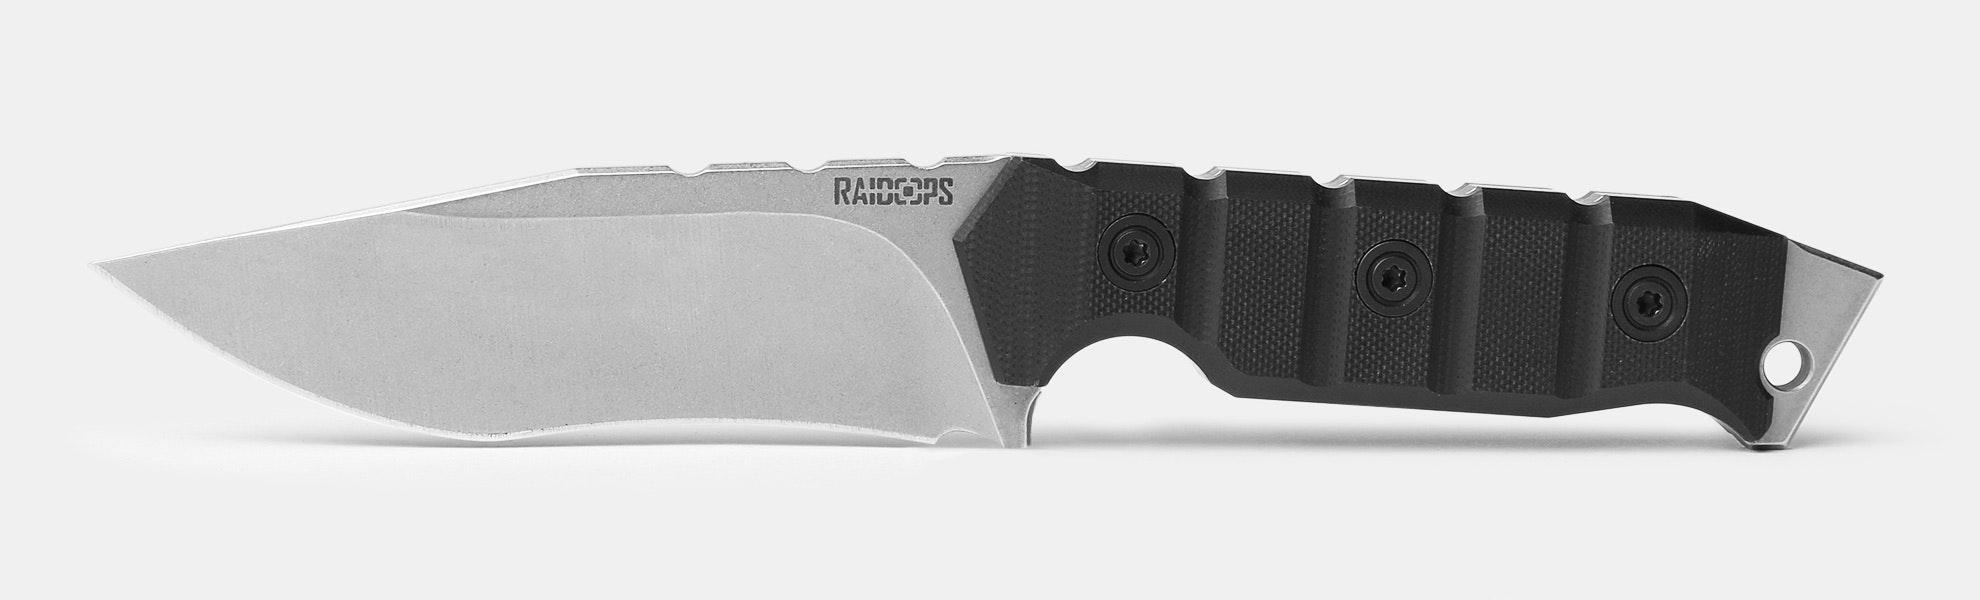 Raidops Soldier Spirit Fixed Blades